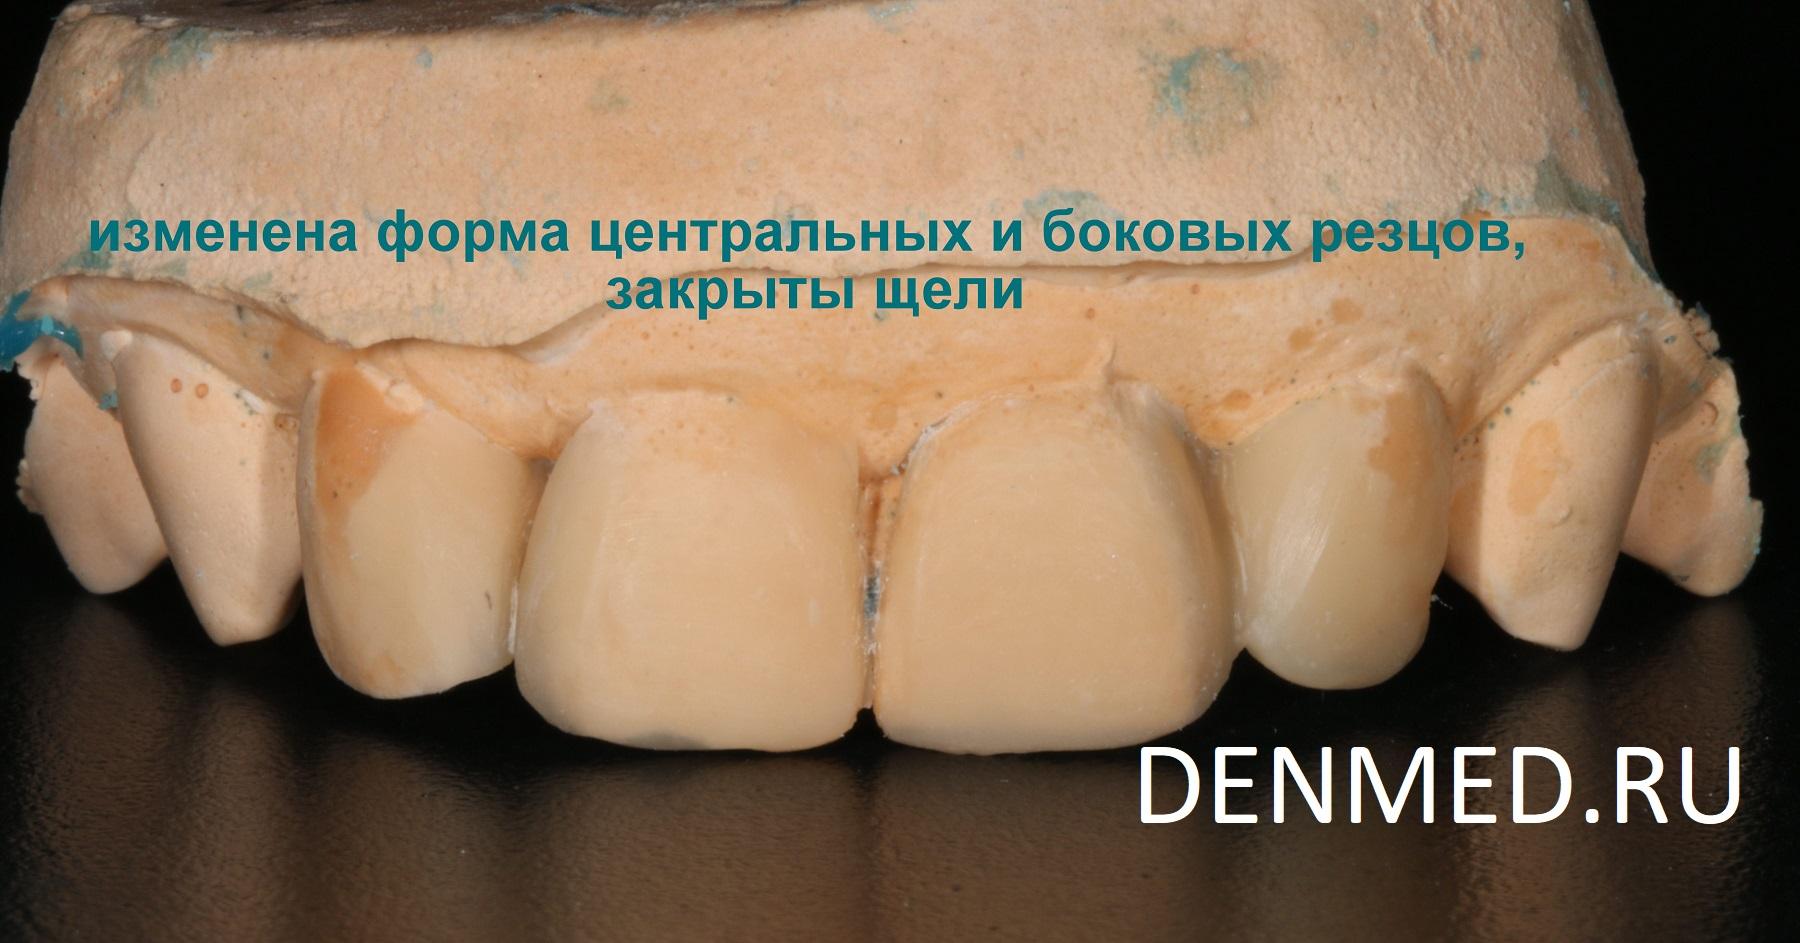 Для понимания того, как будут выглядеть зубы «после» я на подготовленной модели сконструировала новую форму зубов